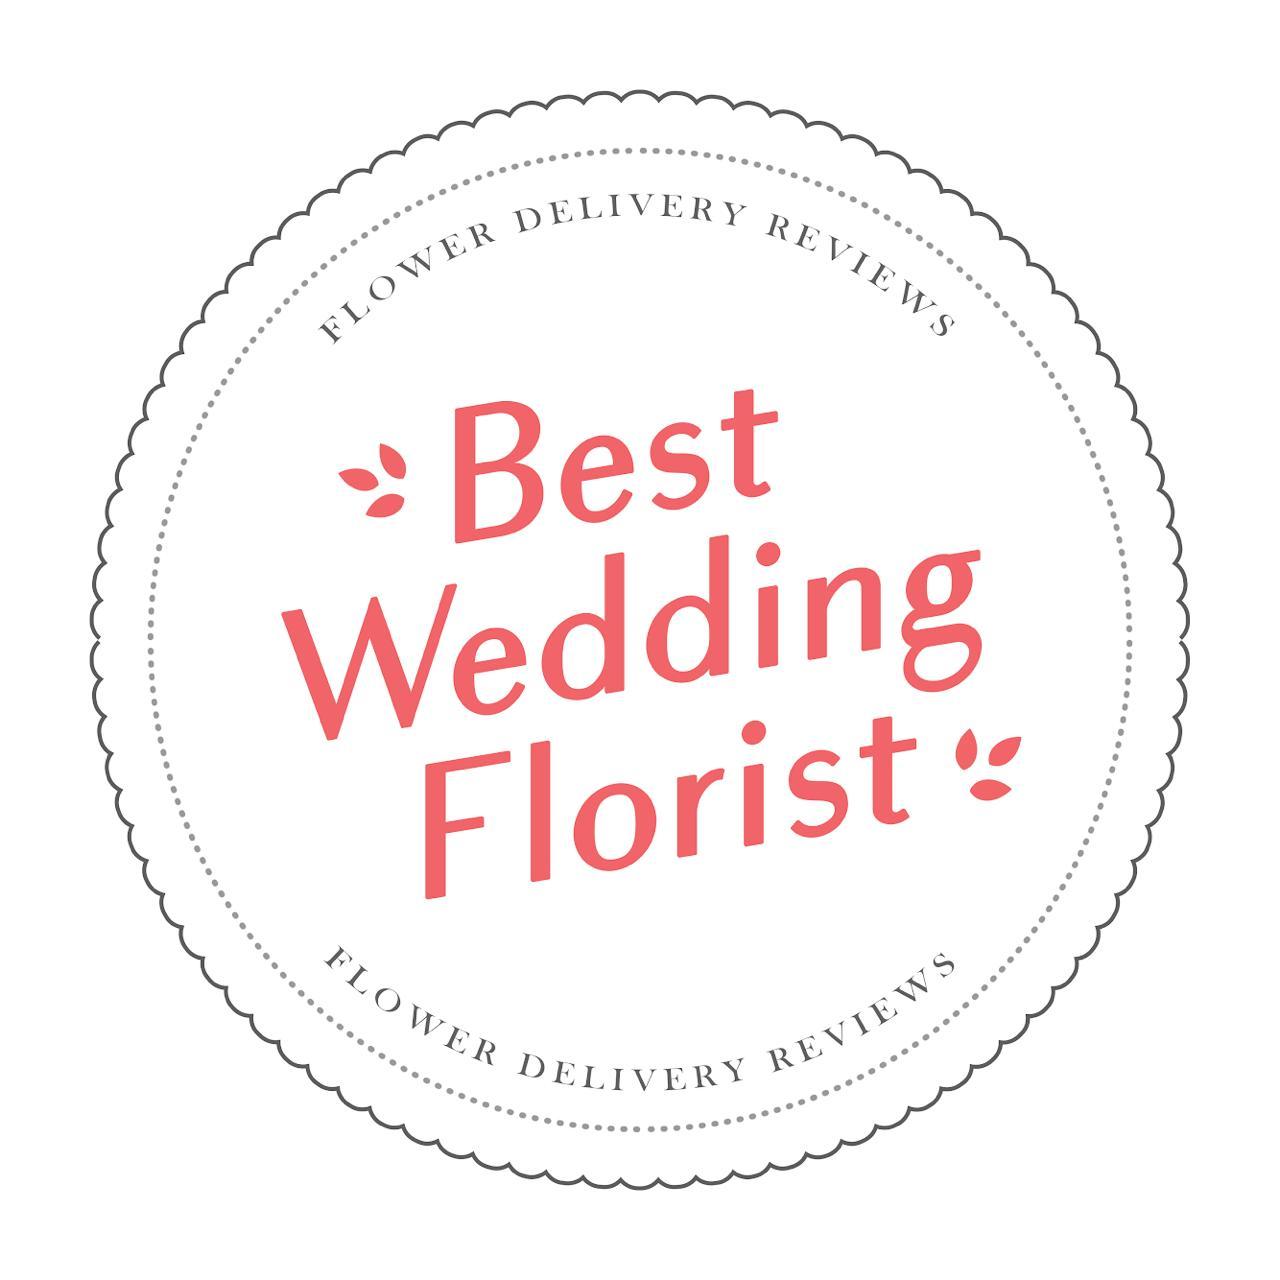 best_wedding_floral_designer_montreal.jpeg